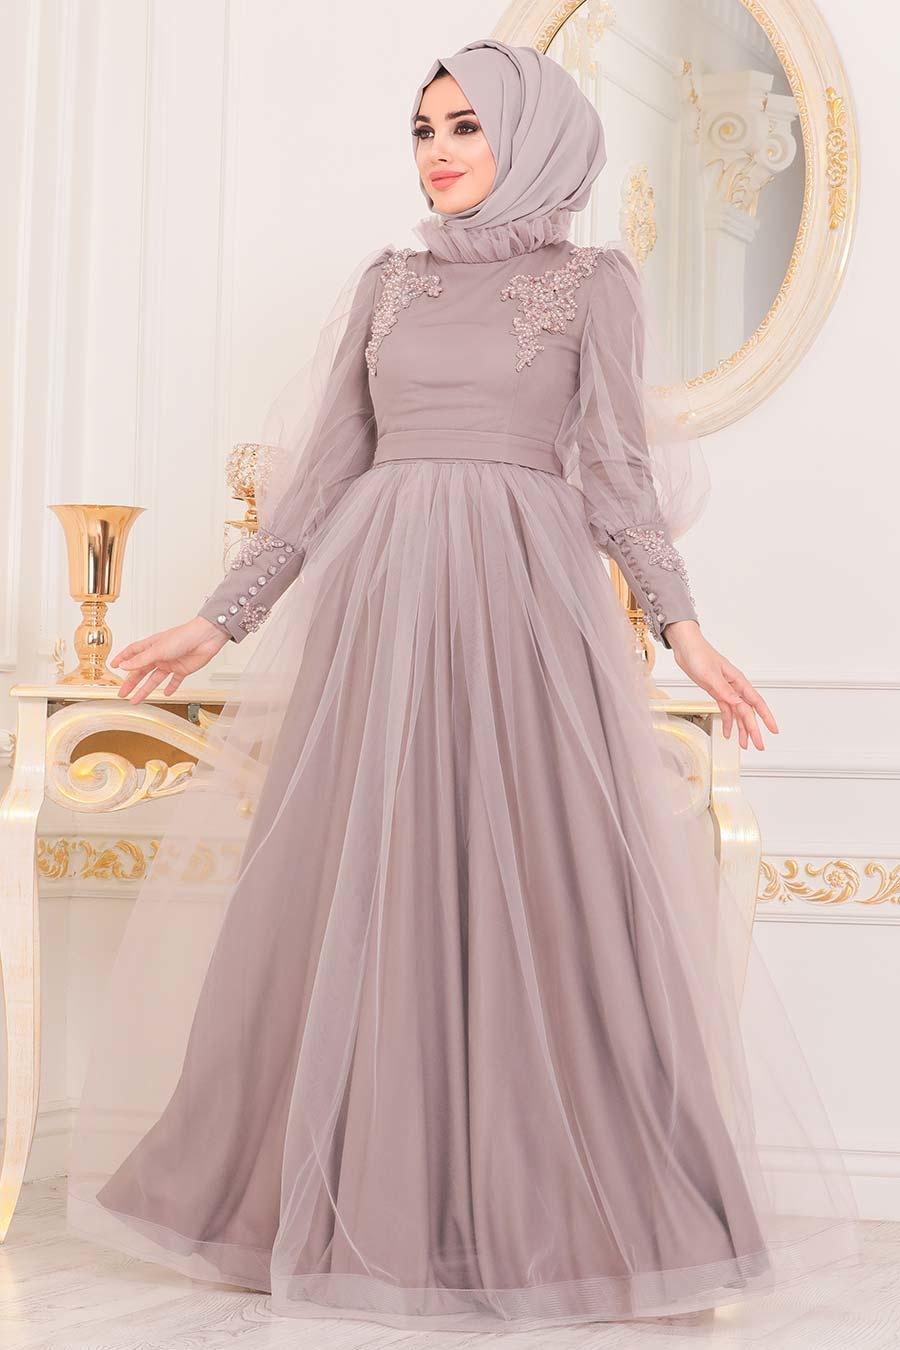 Tesettürlü Abiye Elbise - Boncuk Detaylı Lila Tesettür Abiye Elbise 40320LILA